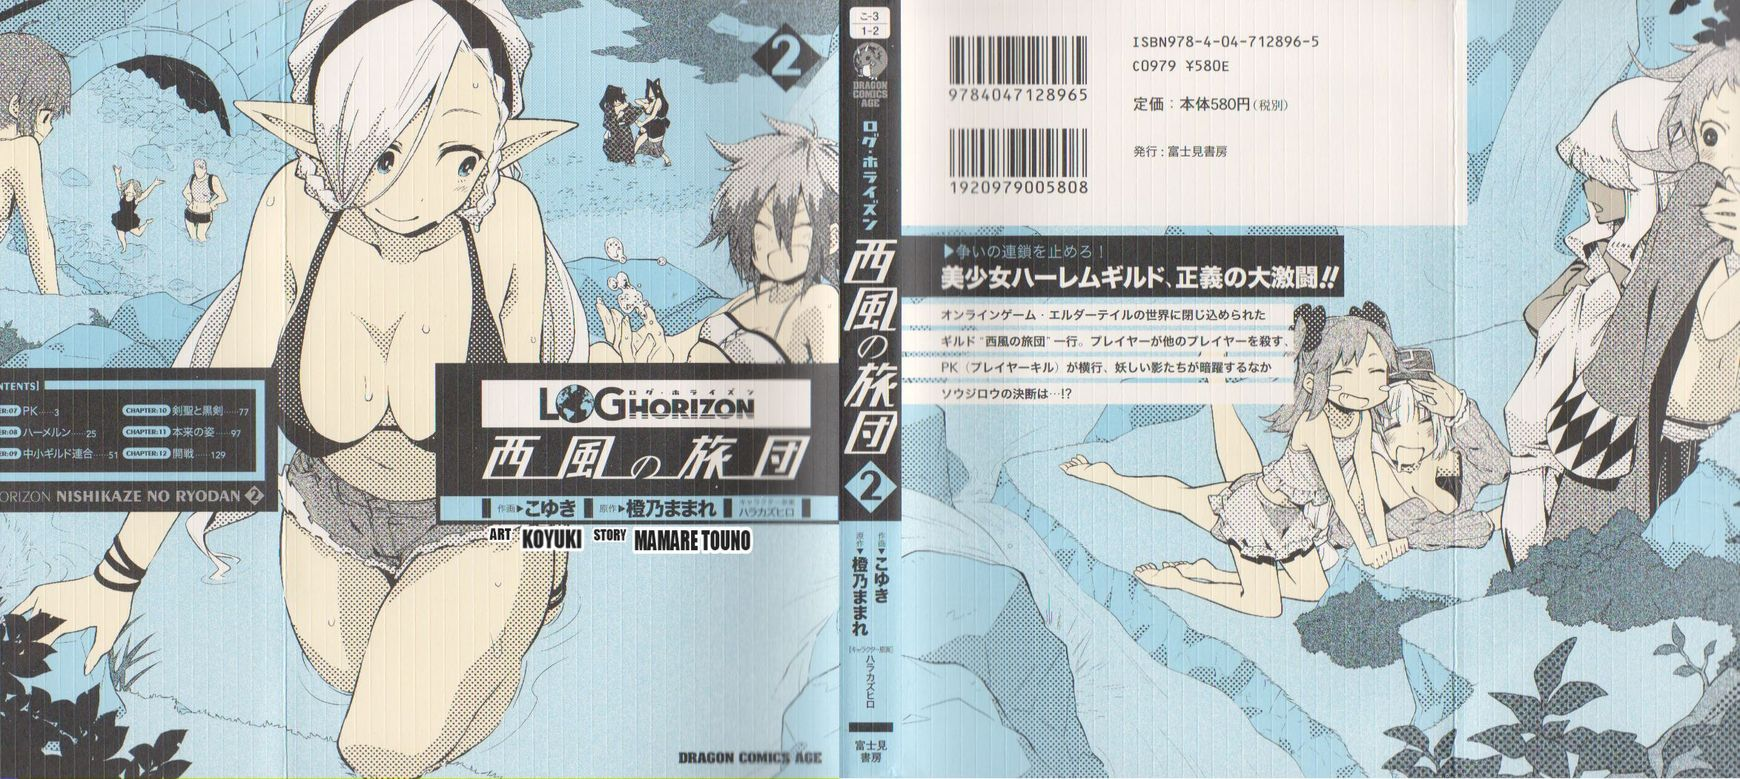 Log Horizon - Nishikaze no Ryodan 7 Page 1